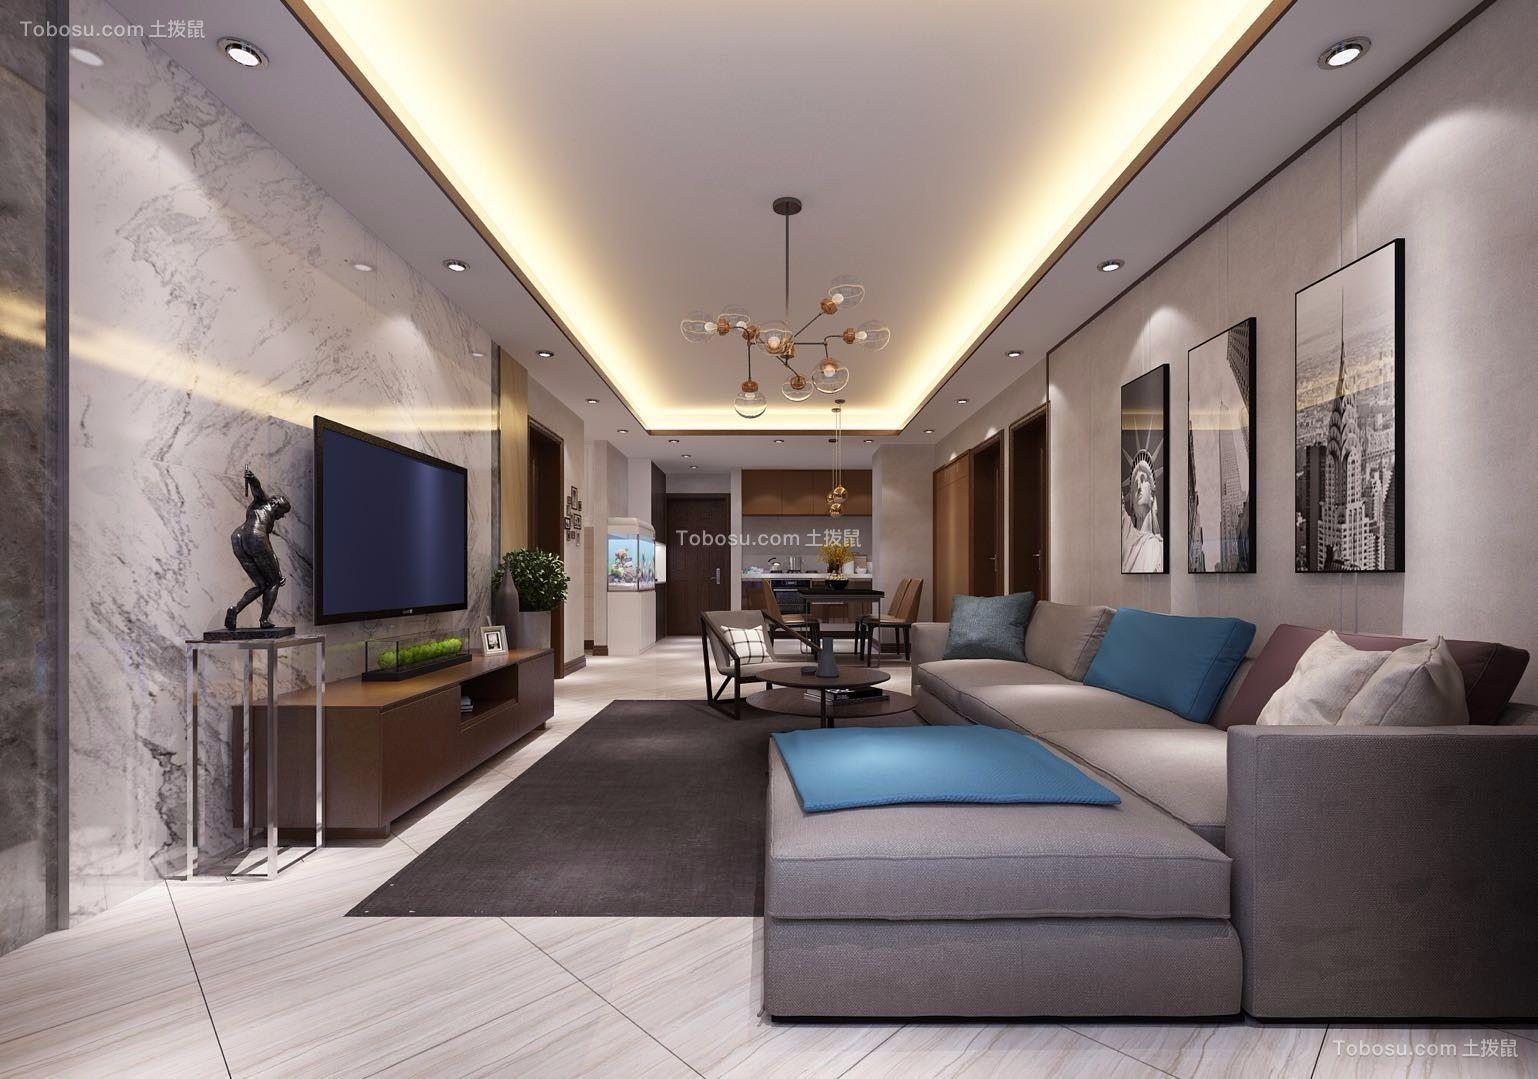 128平米现代风格三居室装修效果图